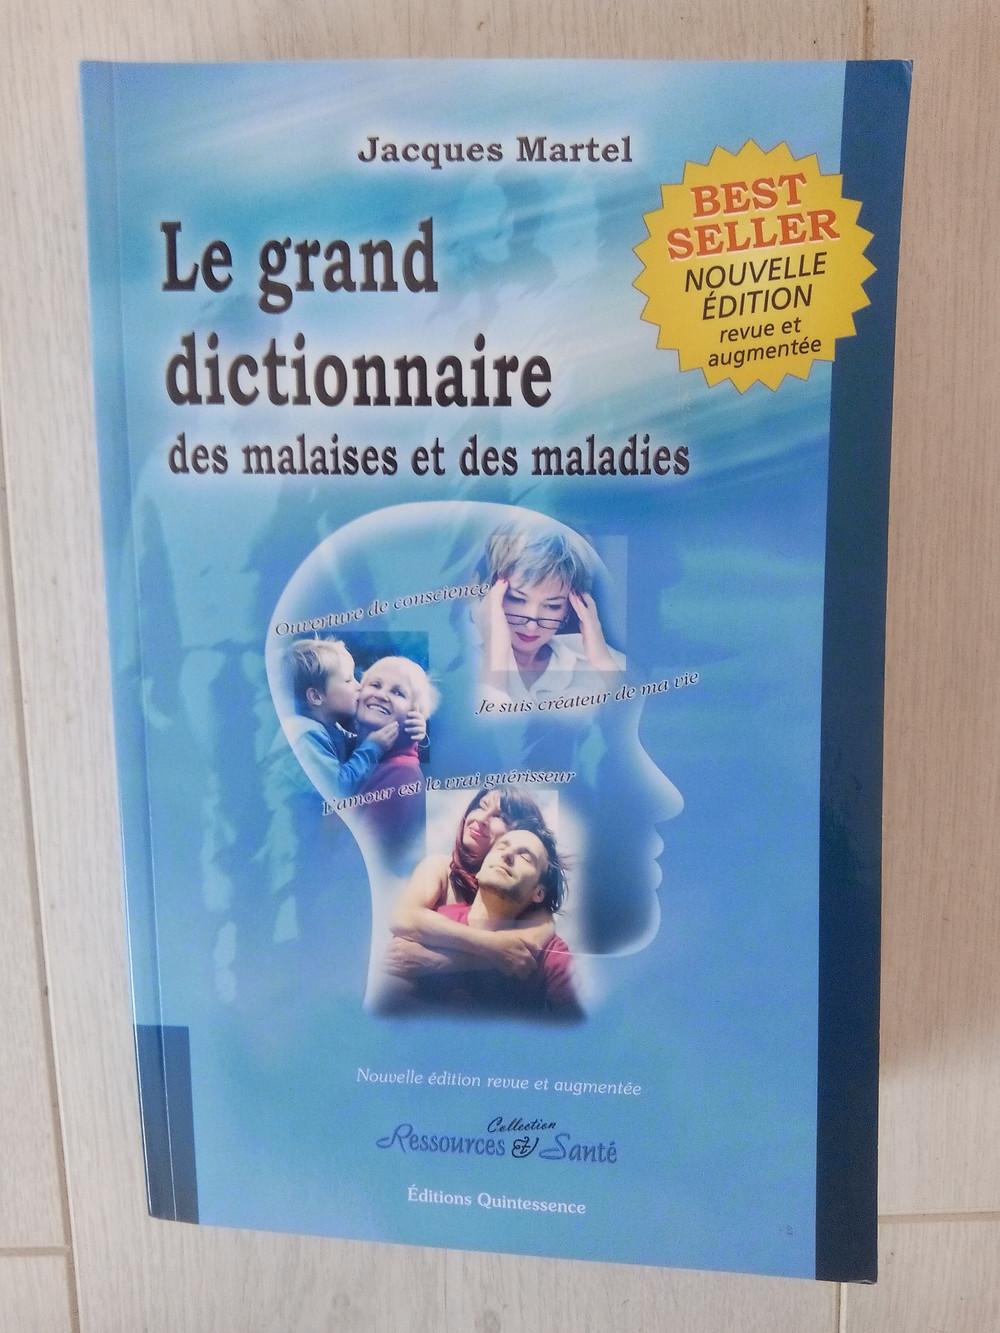 Couverture du livre Le grand dictionnaire des malaises et des maladies de Jacques Martel